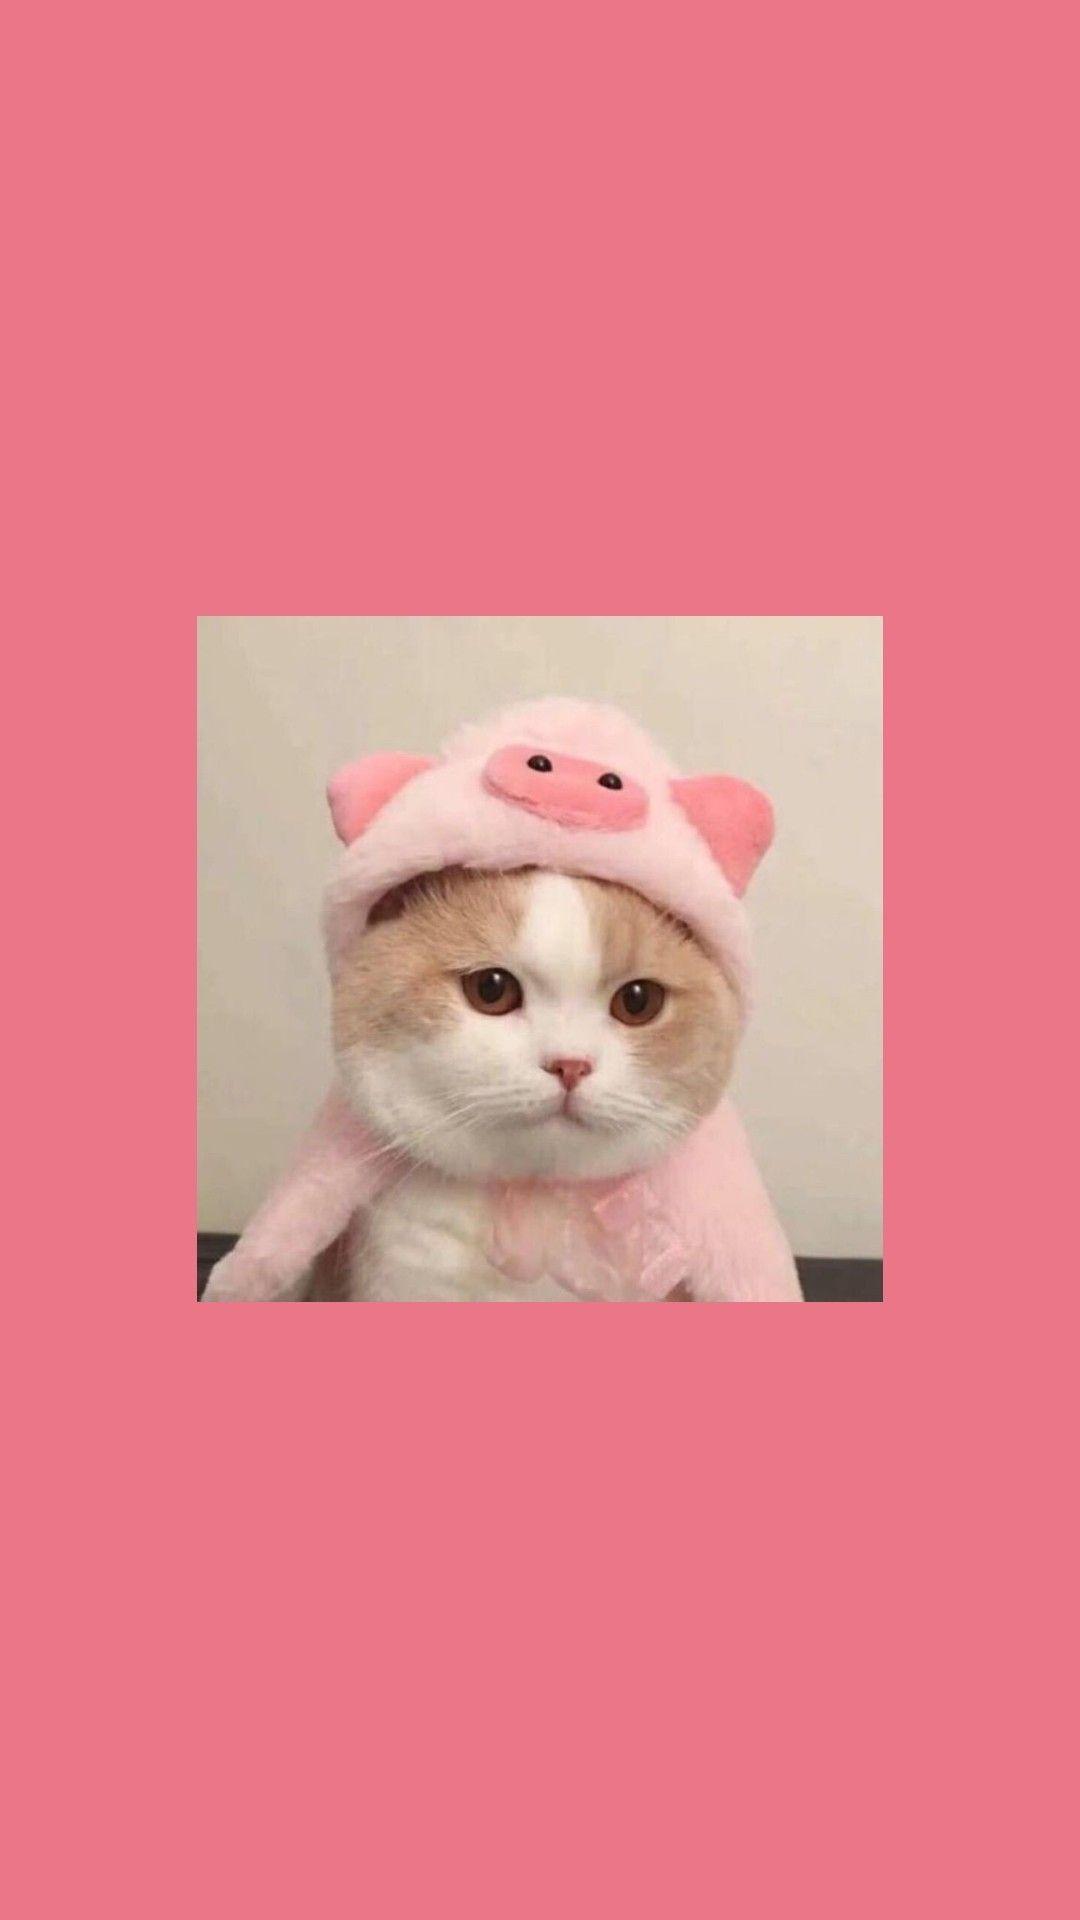 Wallpaper Cat Gambar Hewan Lucu Gambar Hewan Anak Kucing Menggemaskan